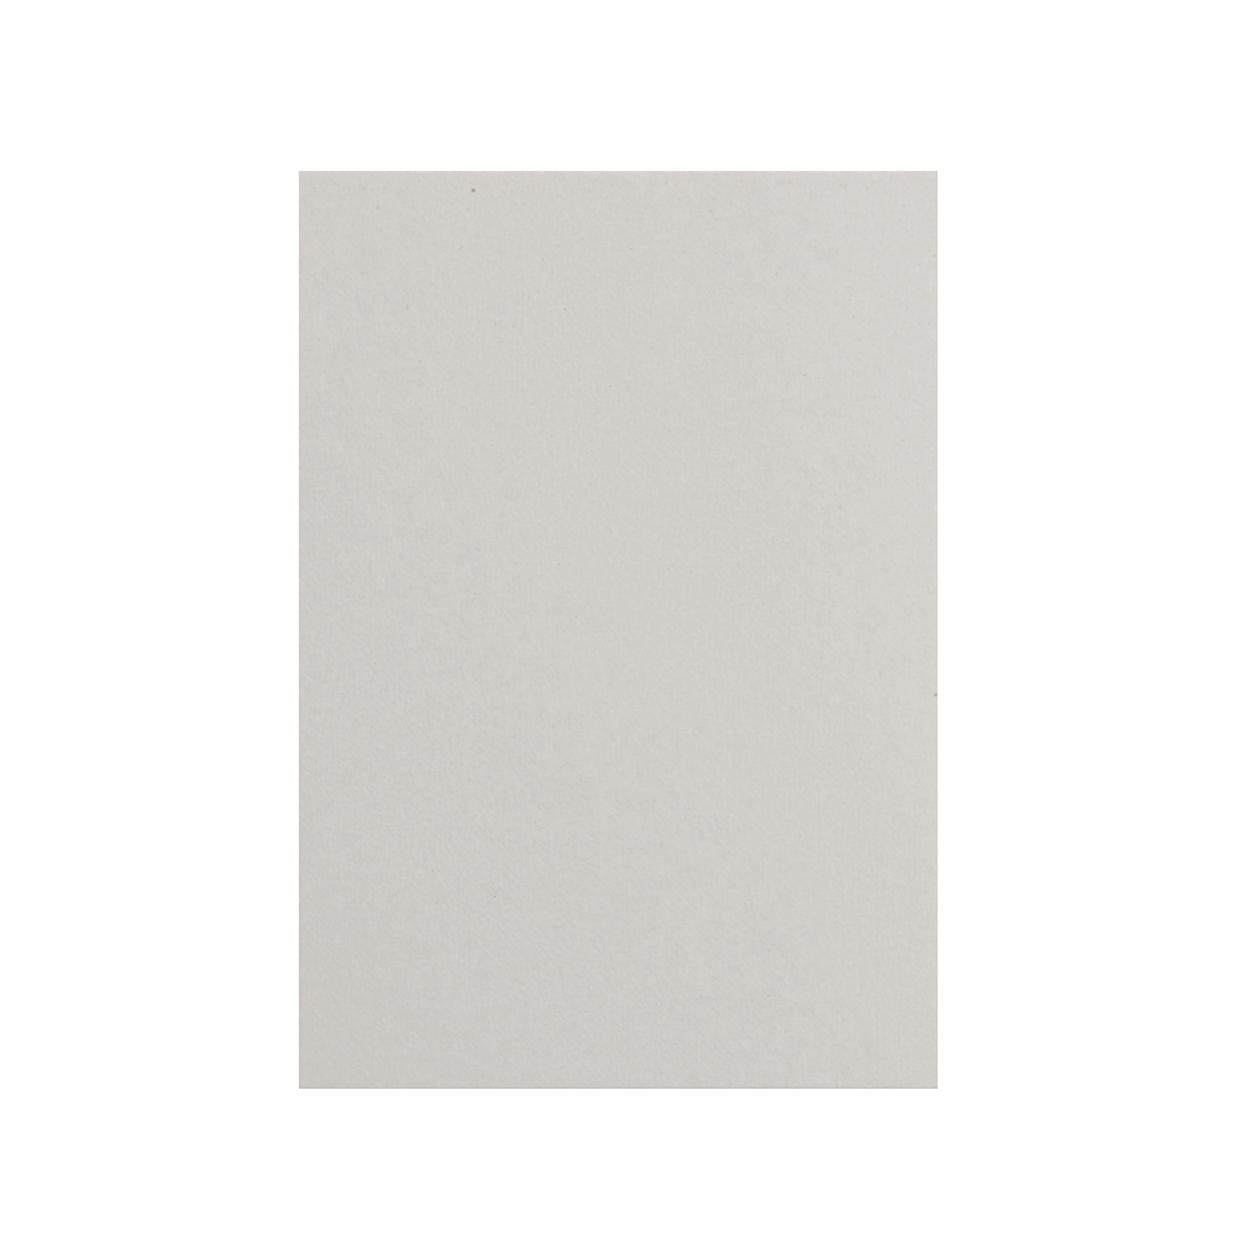 Pカード ボード紙 グレー 450g